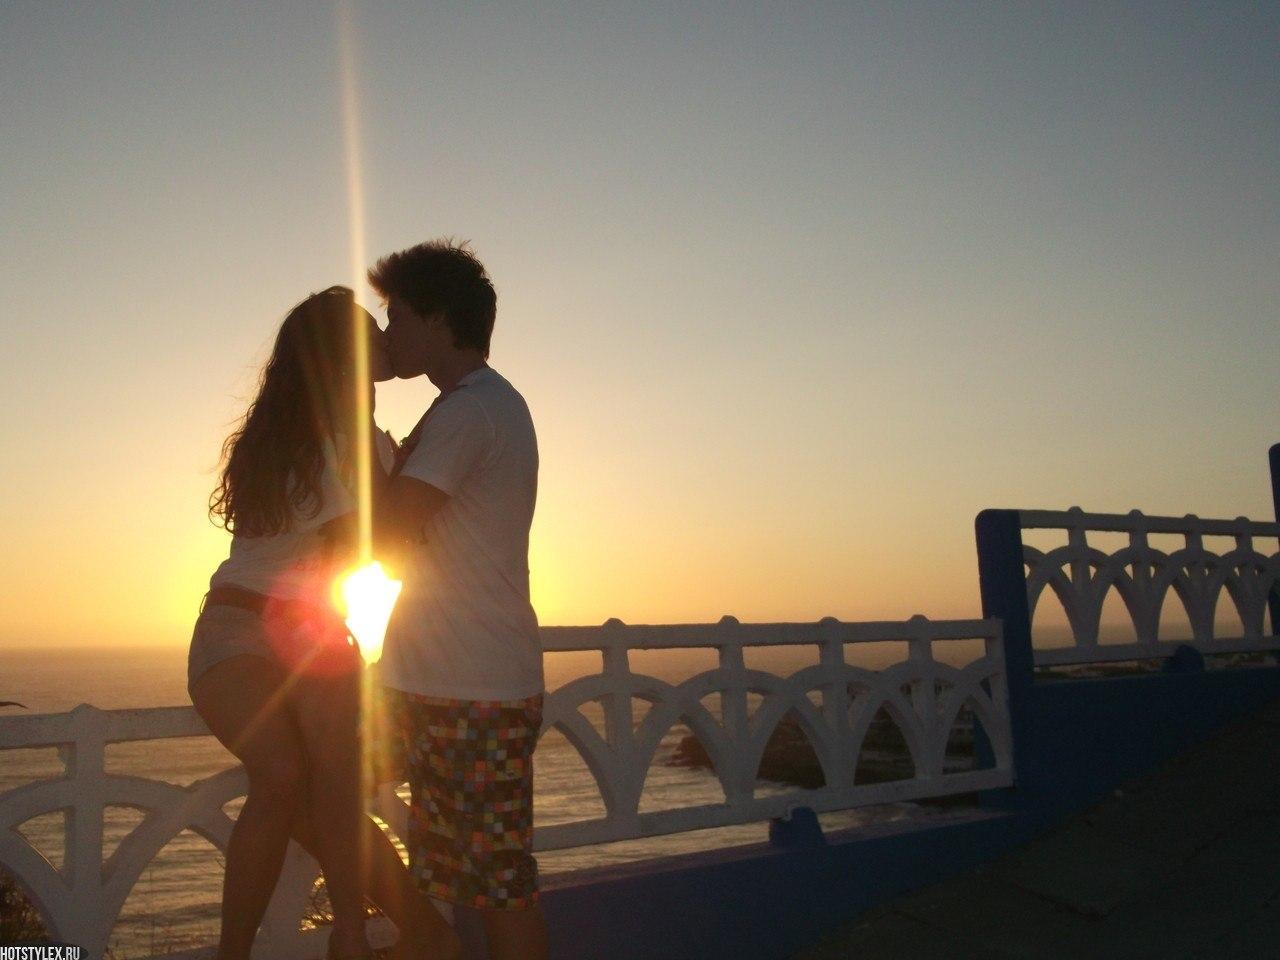 офигенные картинки про любовь: